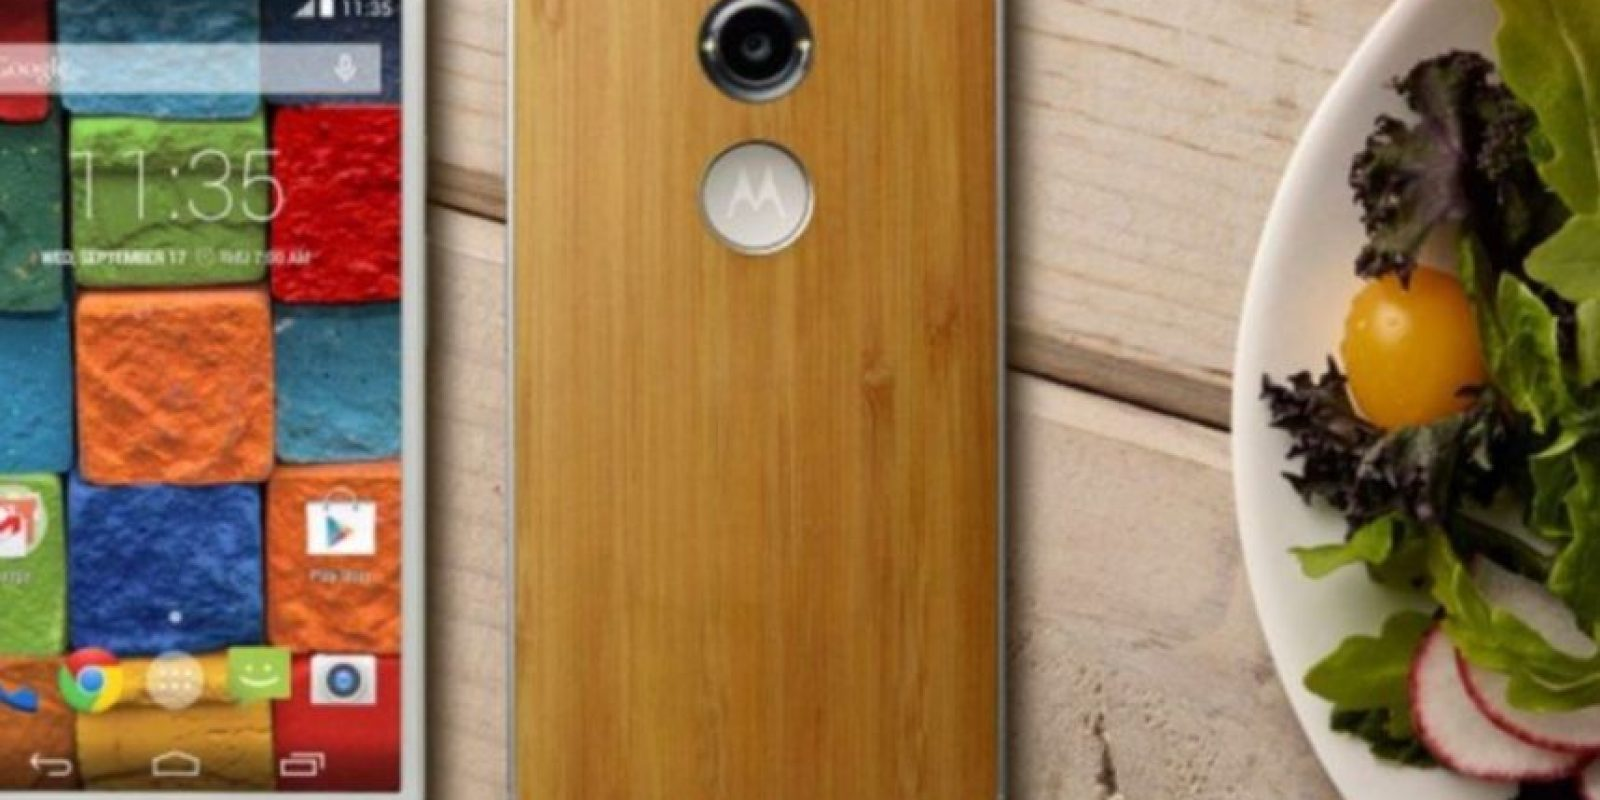 Moto X tiene un precio de salida de 499 dólares. Foto:Motorola